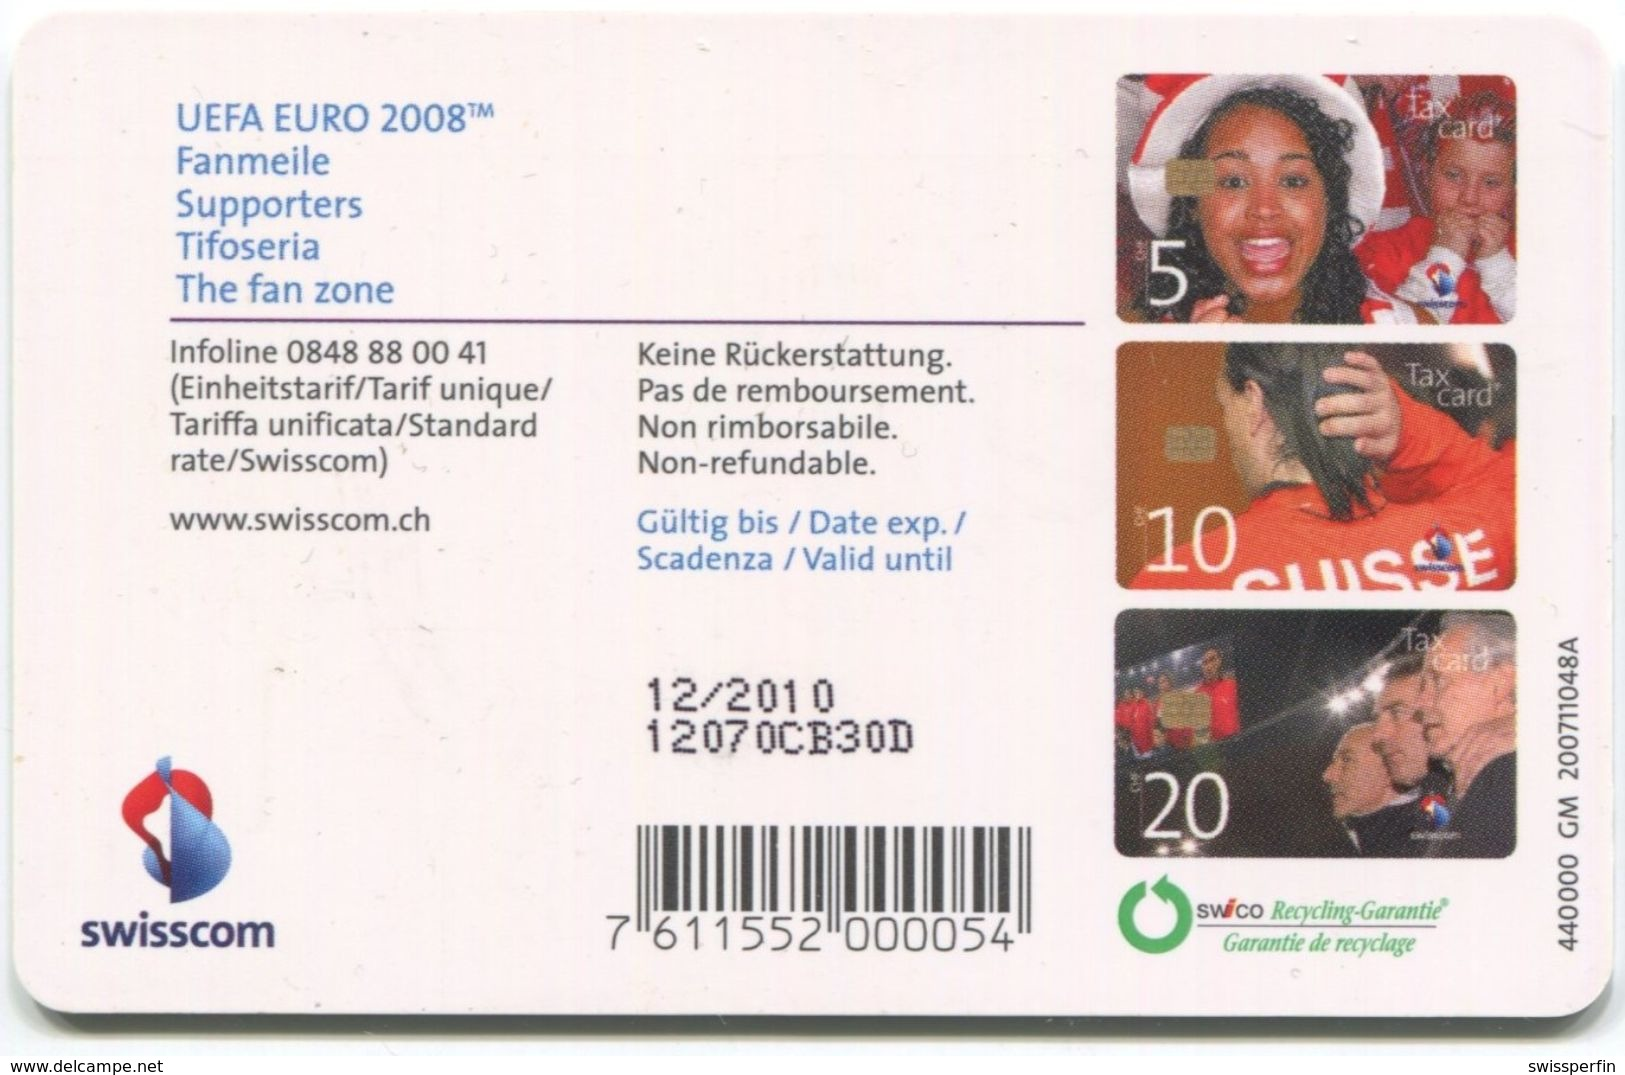 1740 - 5 CHF UEFA EURO 2008 - ABART Fleck - Gebrauchte Schalterkarte - Schweiz